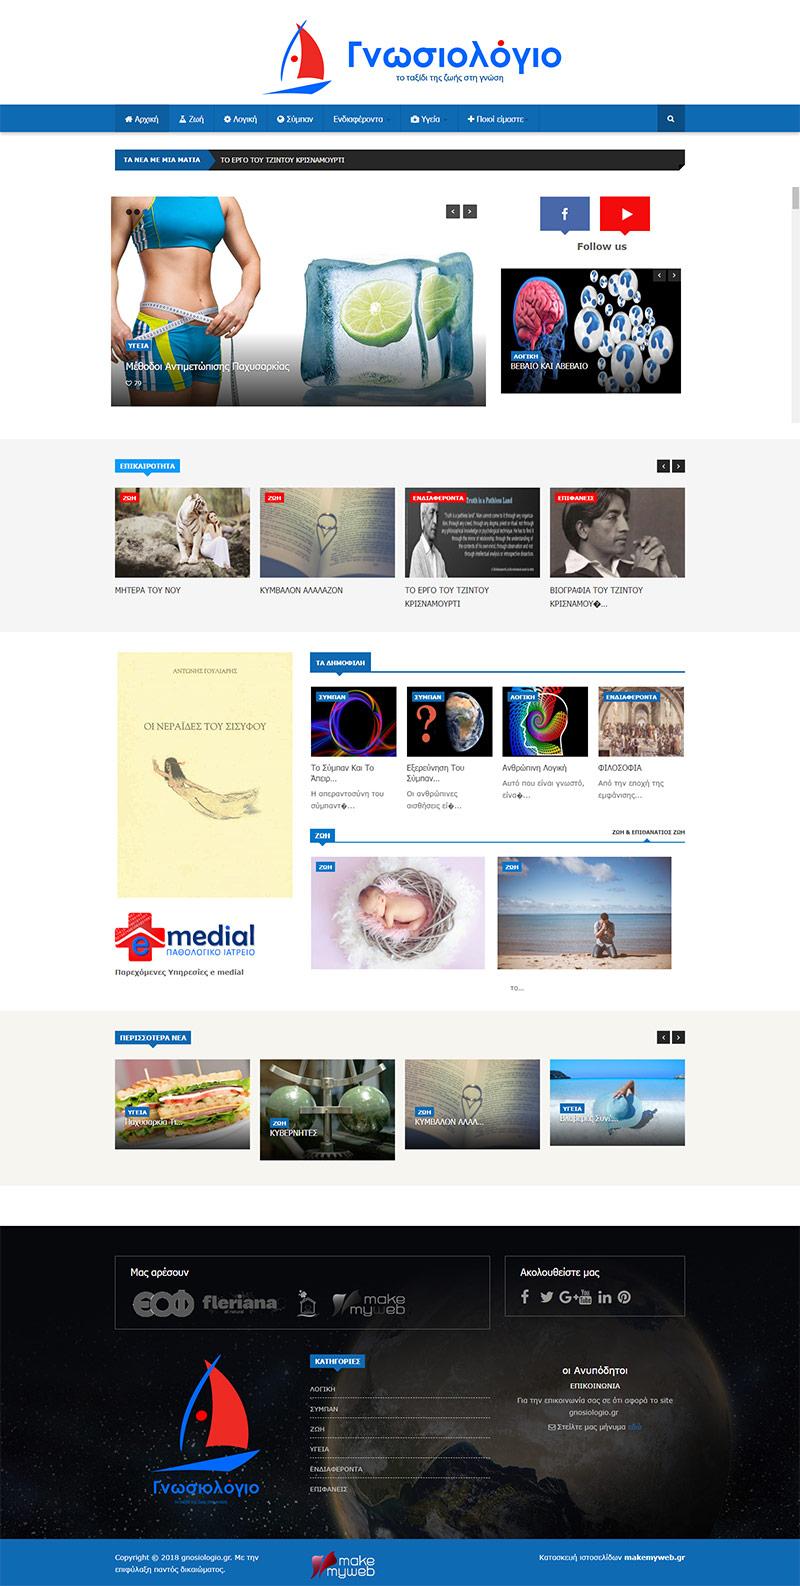 Κατασκευή portal στην Αθήνα, κατασκευή ιστοσελίδας συλλόγου για την φιλοσοφία, τη ζωή, την υγεία, το σύμπαν Γνωσιολόγιο